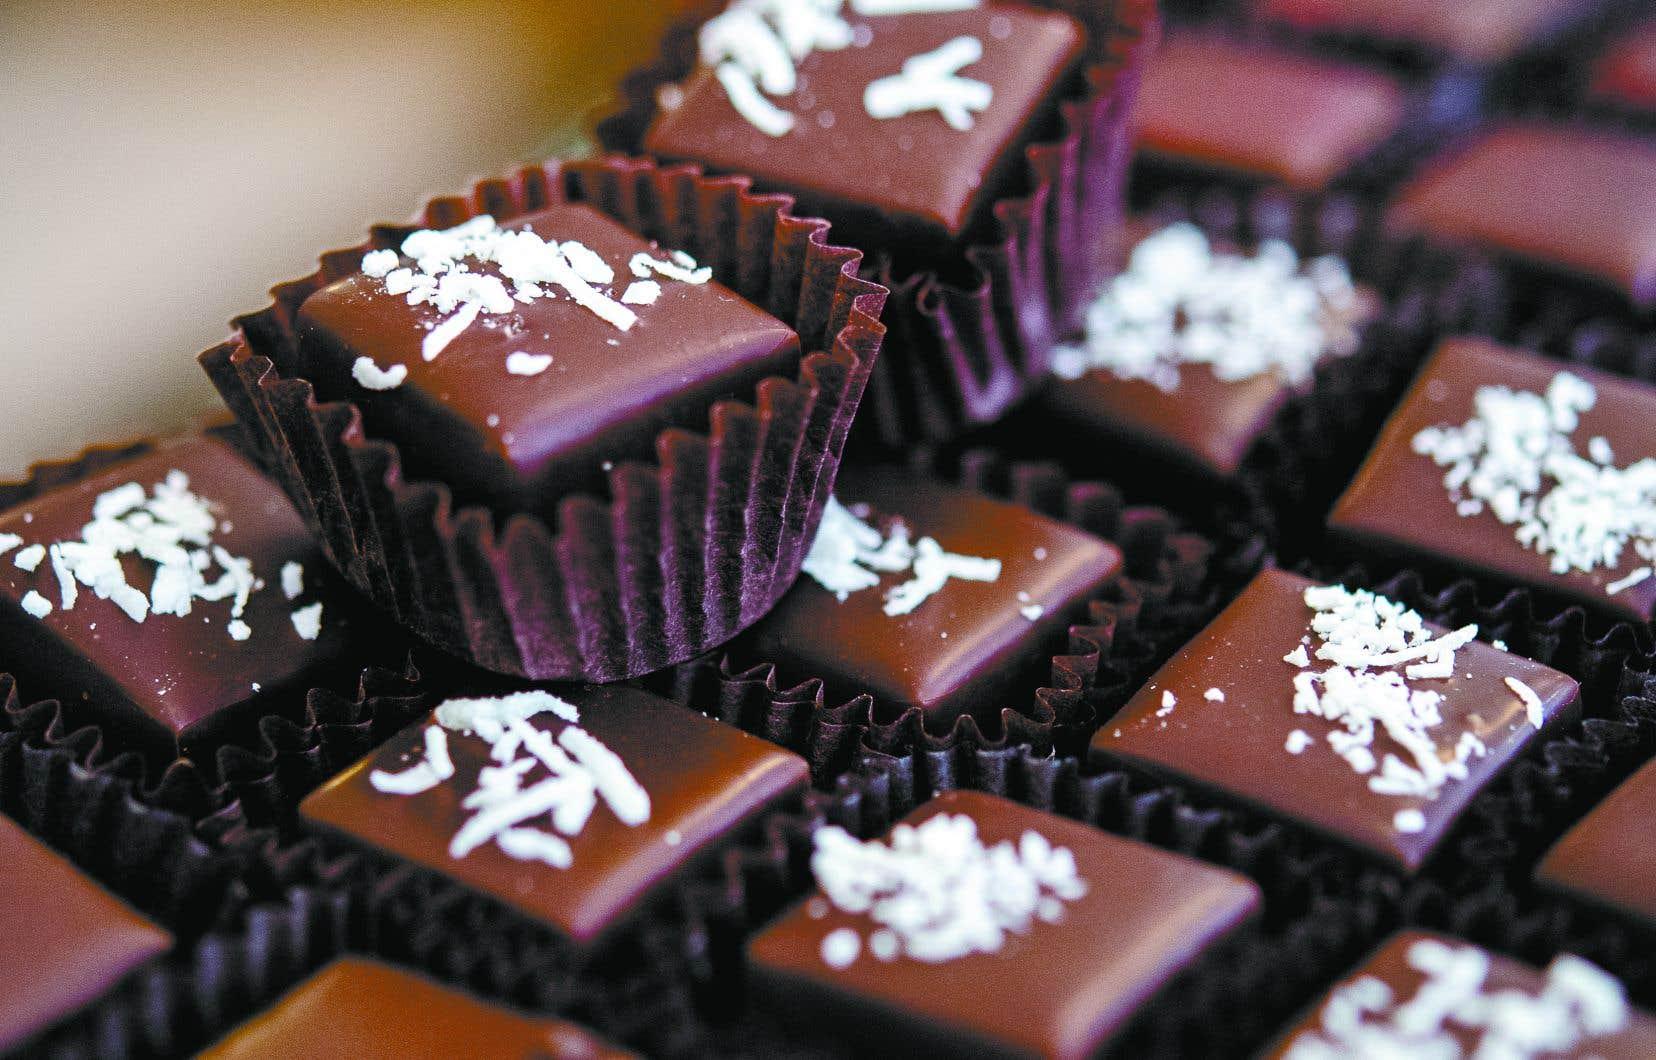 Chloé Gervais-Fredette est chocolatière à Montréal depuis 16ans. Son entreprise Les chocolats de Chloé mise sur la qualité et la fraîcheur, ainsi que sur un service chaleureux et des prix pour tous les budgets.